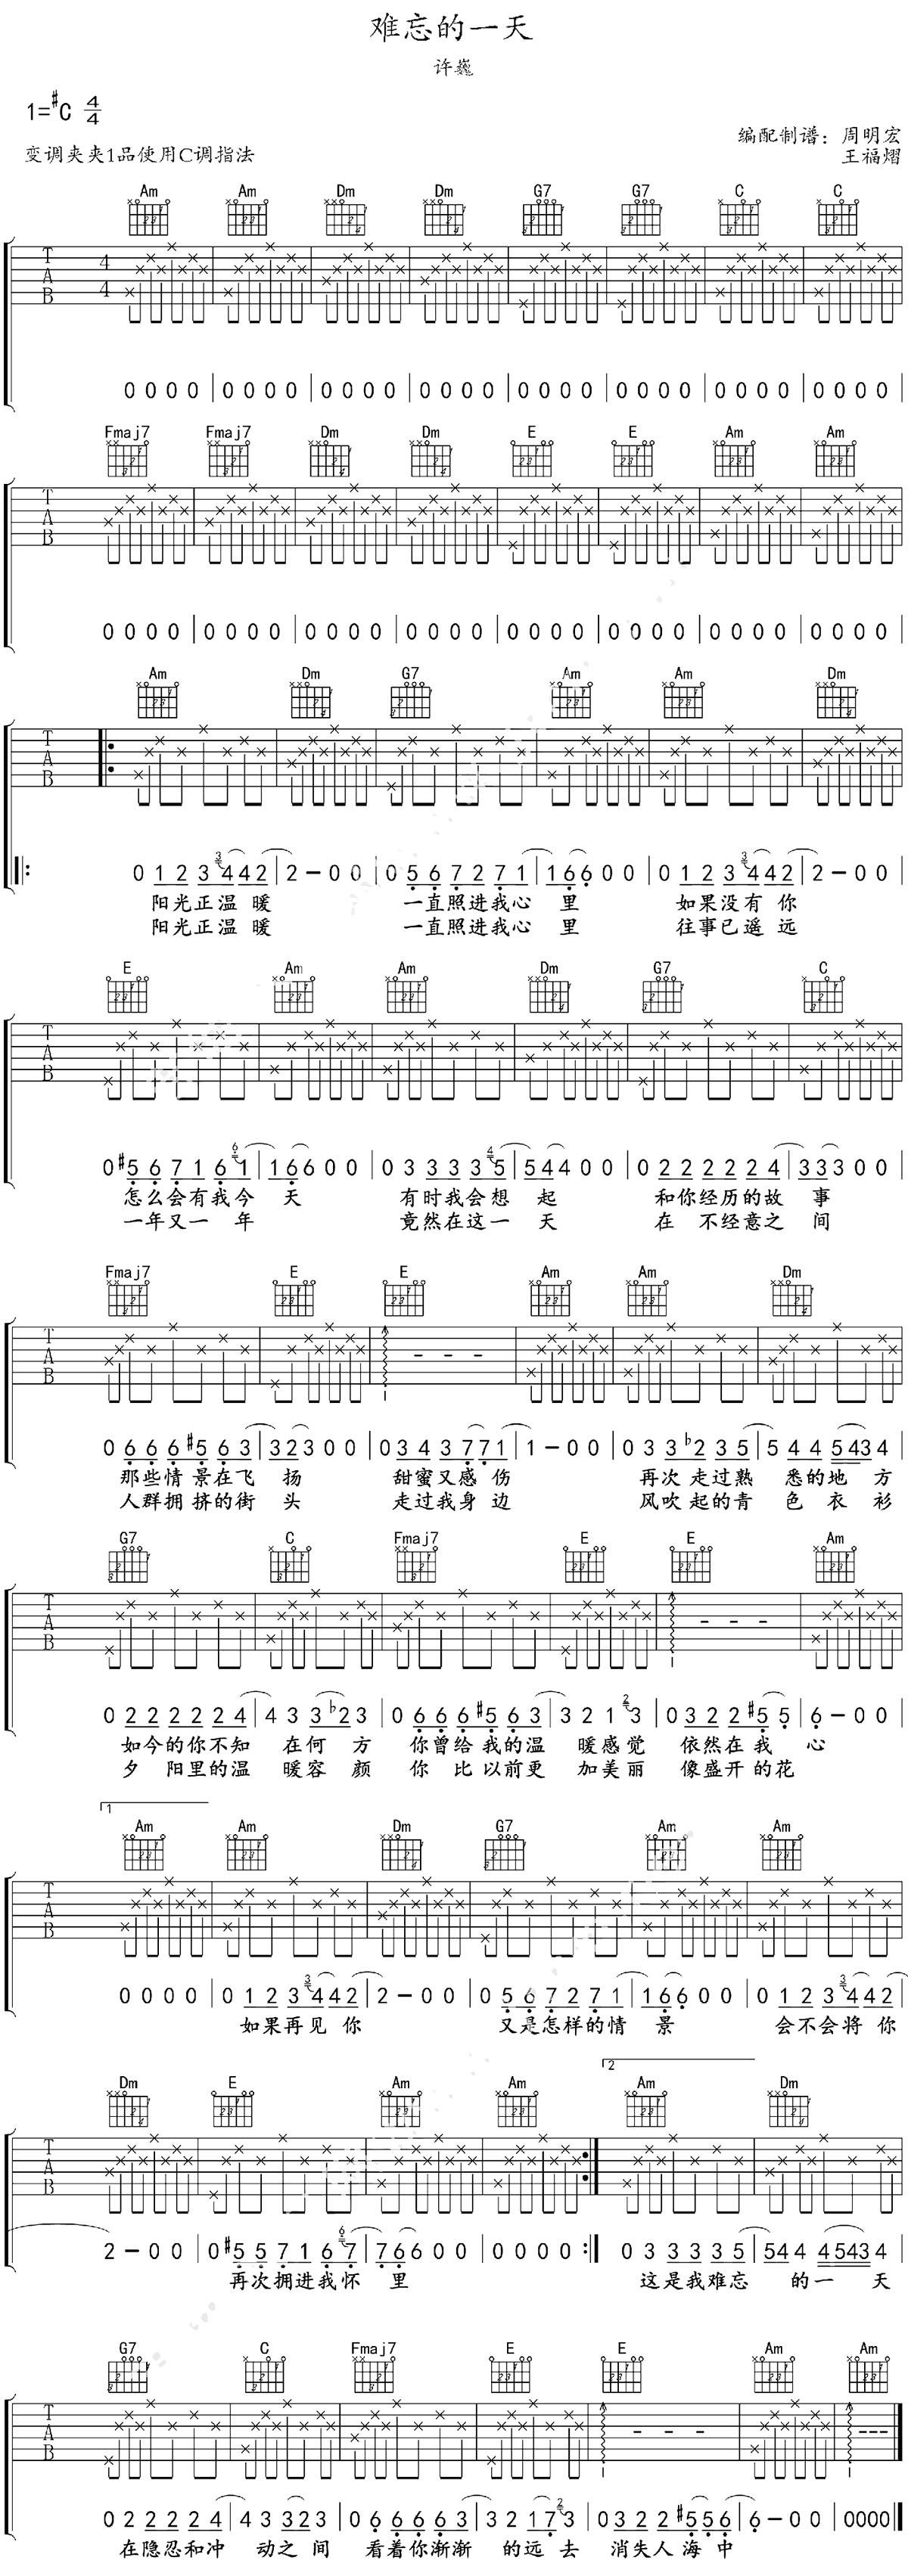 许巍《难忘的一天》吉他谱_C调和弦指法_变调整夹1品_吉他入门网视频弹唱教学.jpg